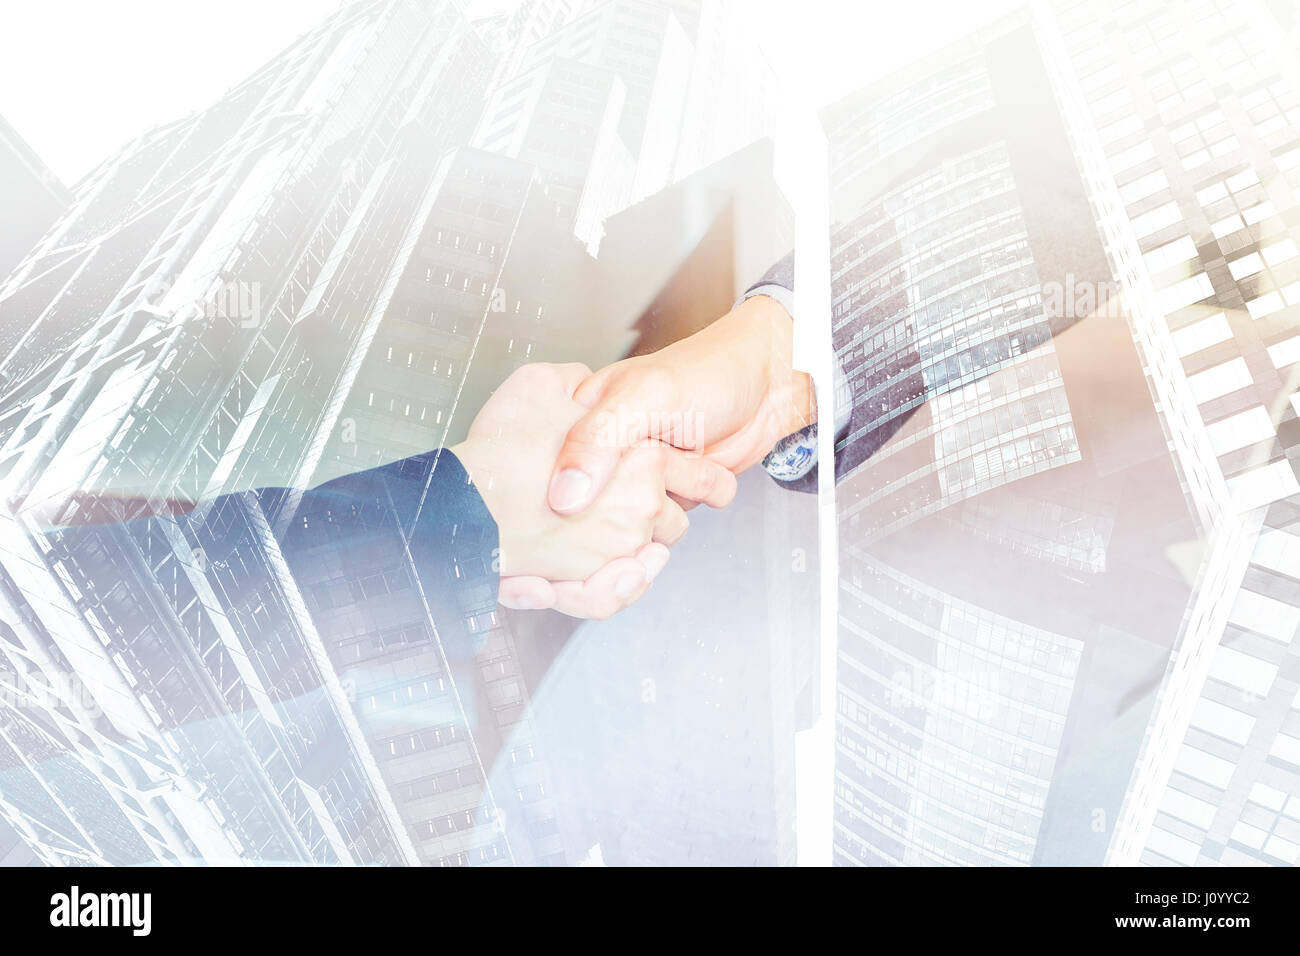 Doppia esposizione di Close up imprenditrice e imprenditore handshake con cityscape edificio, Business concetto Immagini Stock